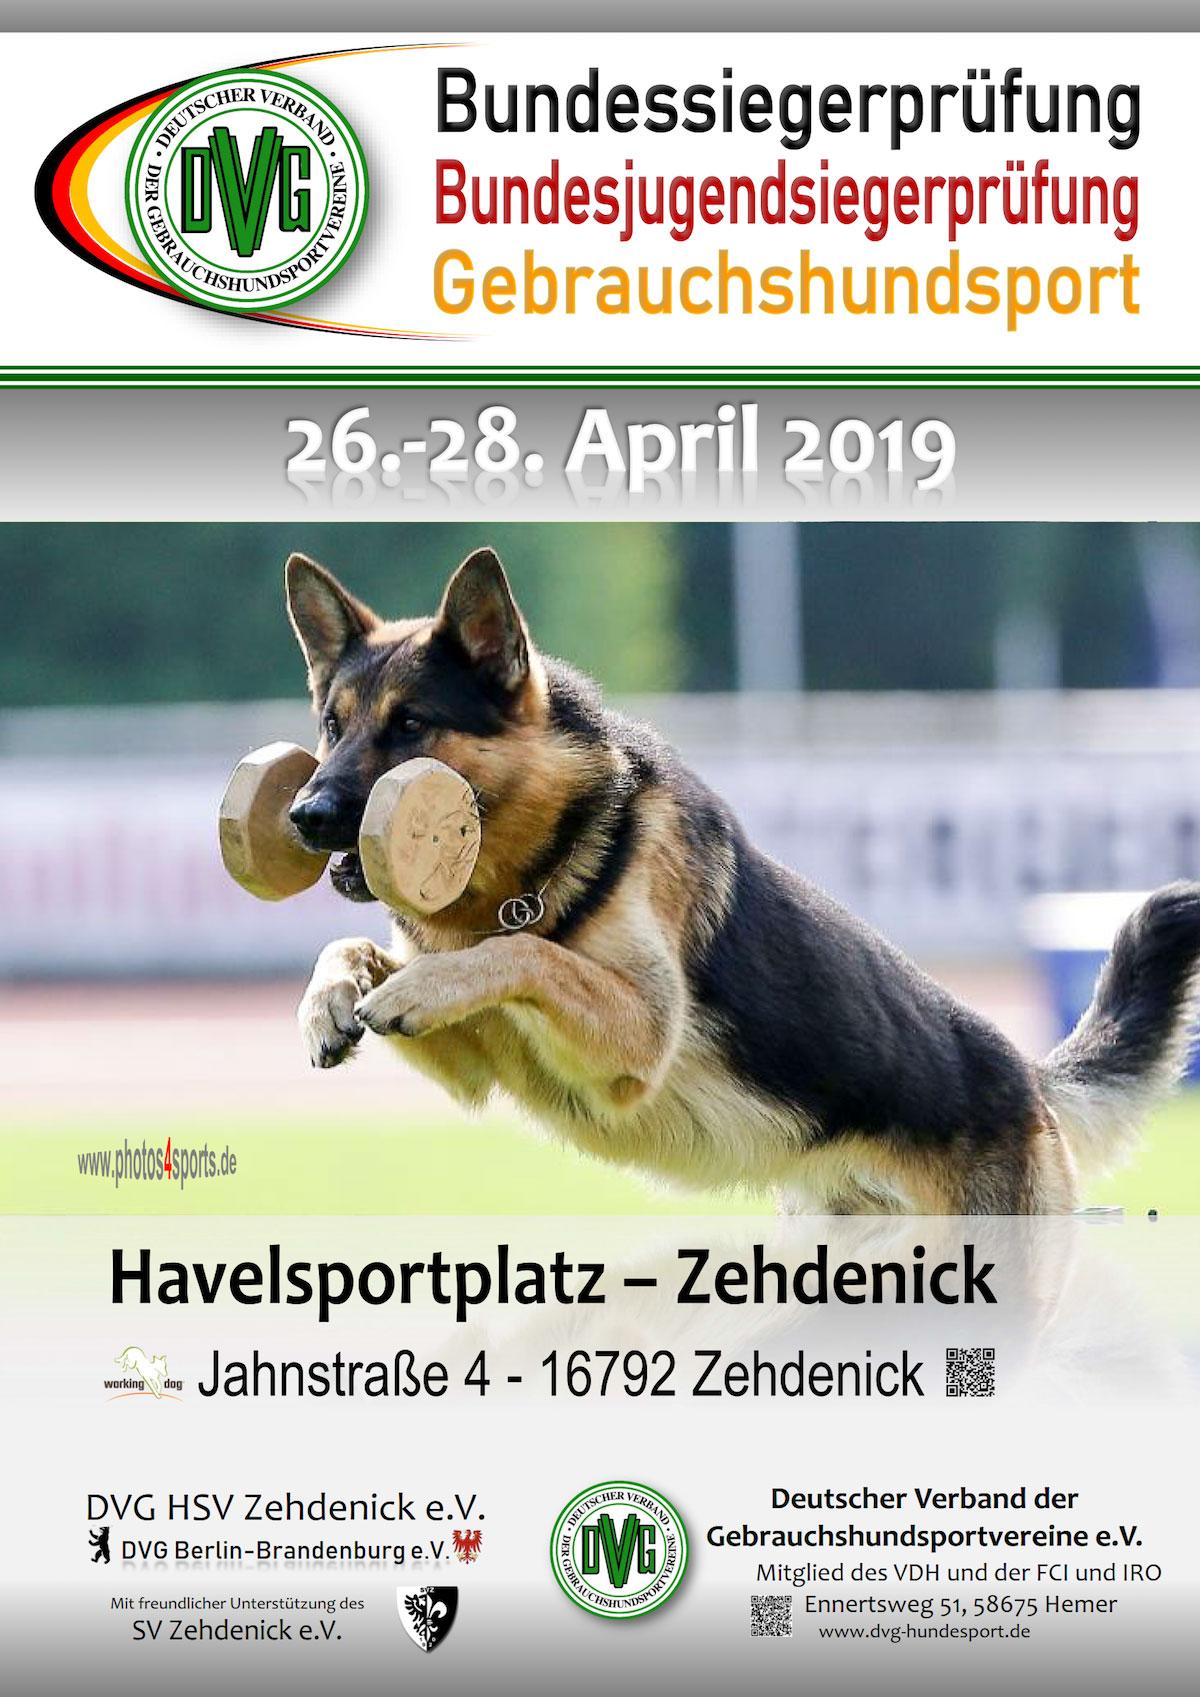 DVG Bundessiegerprüfung Gebrauchshundsport 2019 @ Havelsportplatz Zehdenick